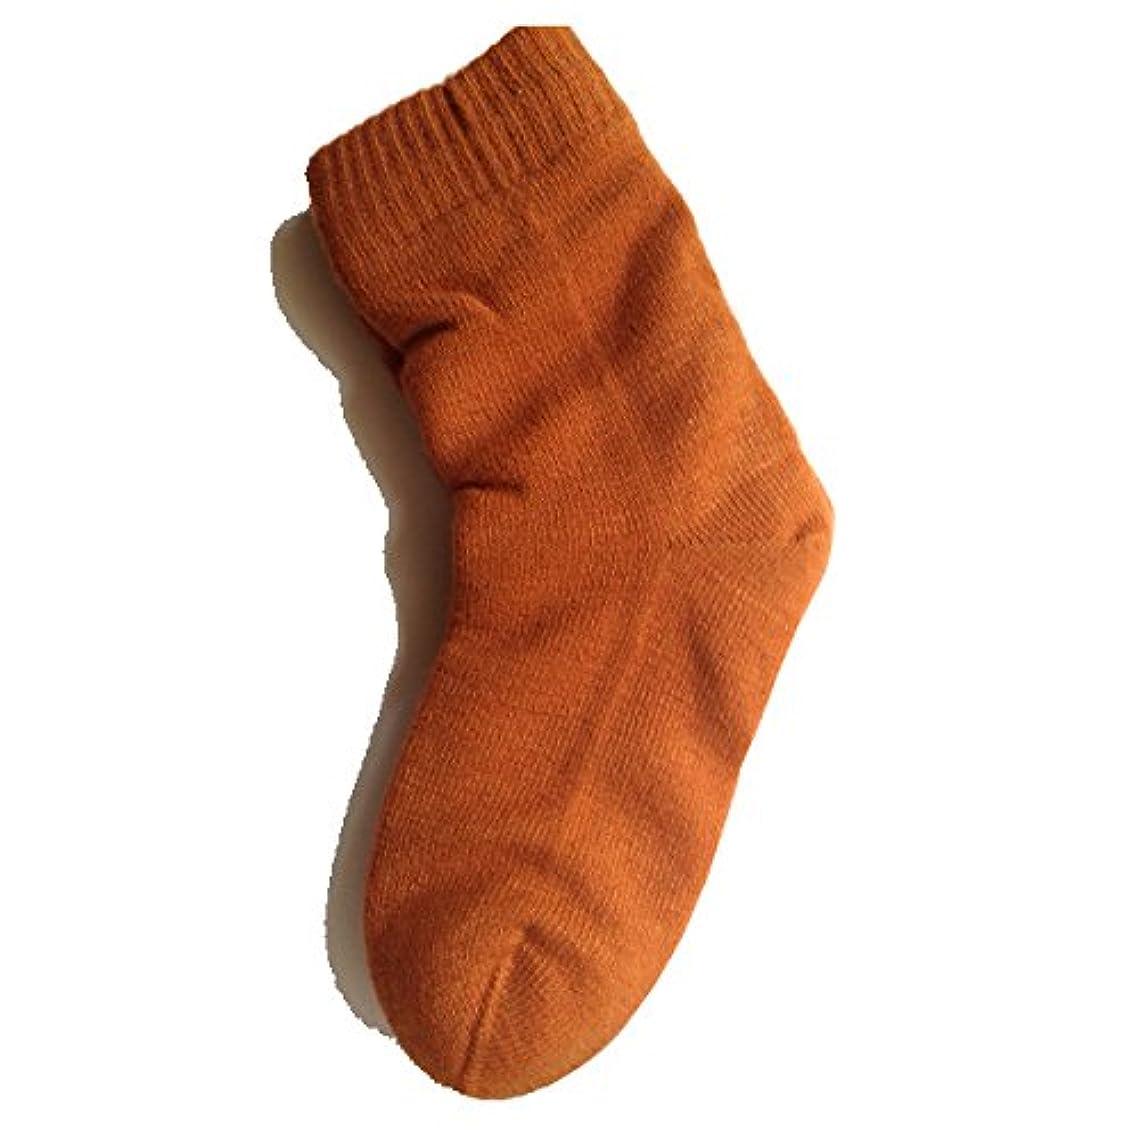 意気消沈した事業しない女性用 カサカサかかと解消靴下 ラブヒール パーシアンレッド 【遠赤外線パワー&温熱?保湿効果】